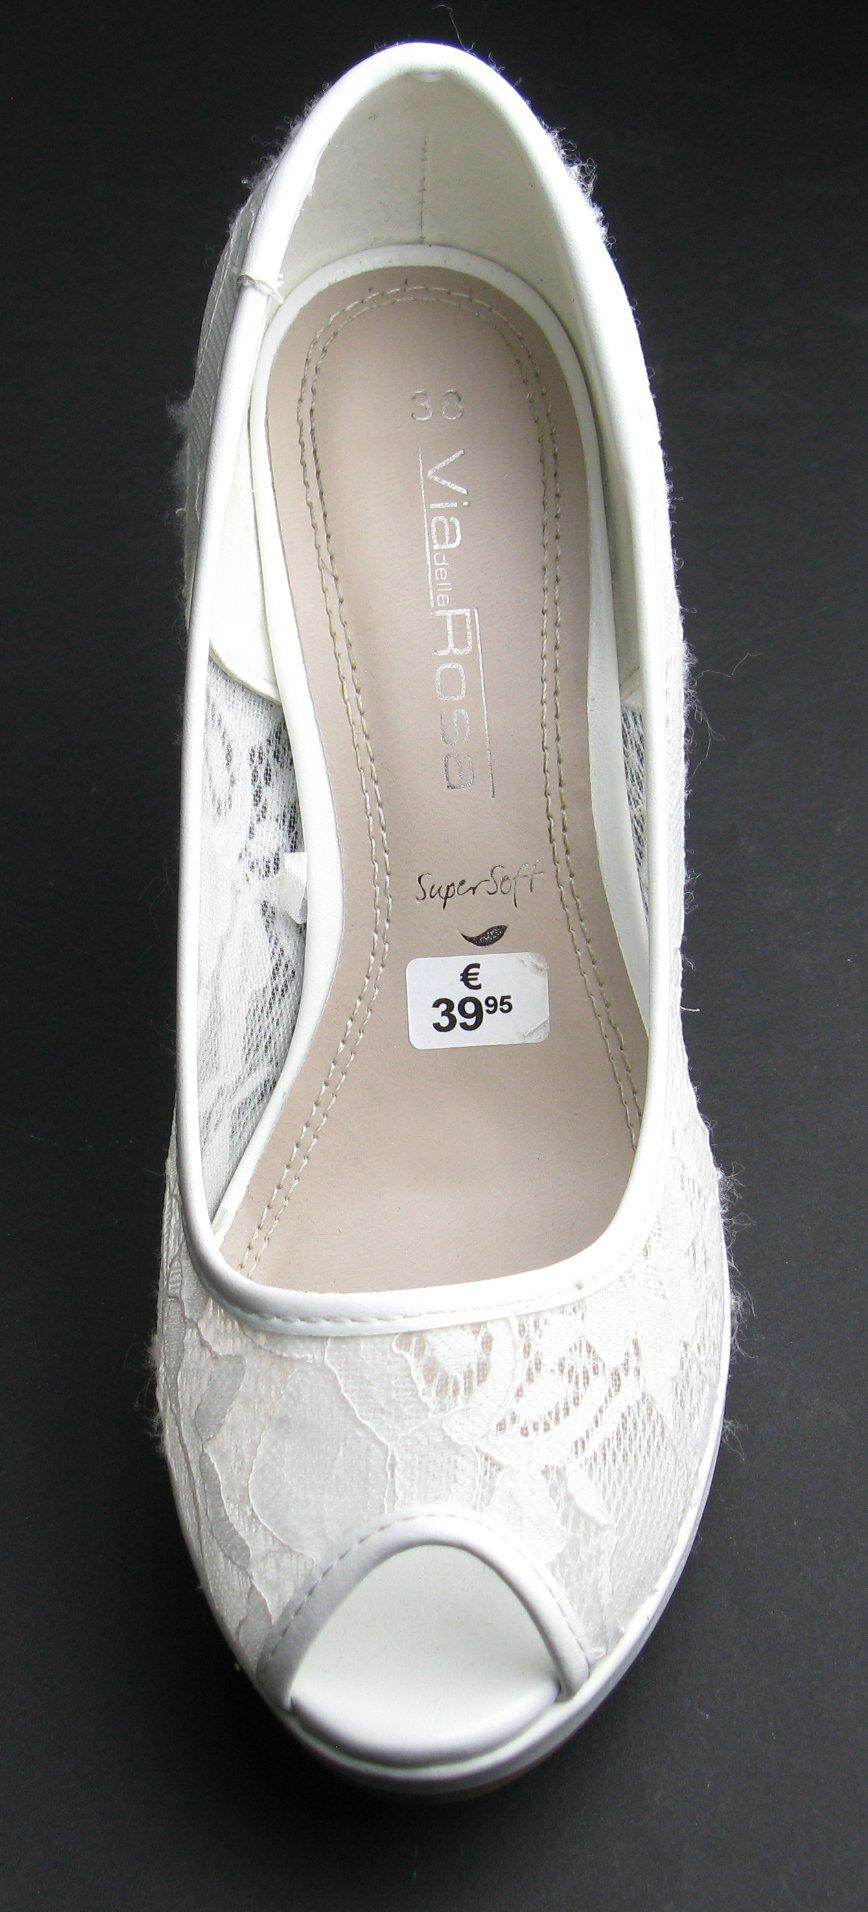 Damen Schuhe Sommer Pumps Gr.38 in Woll Weiß von Graceland